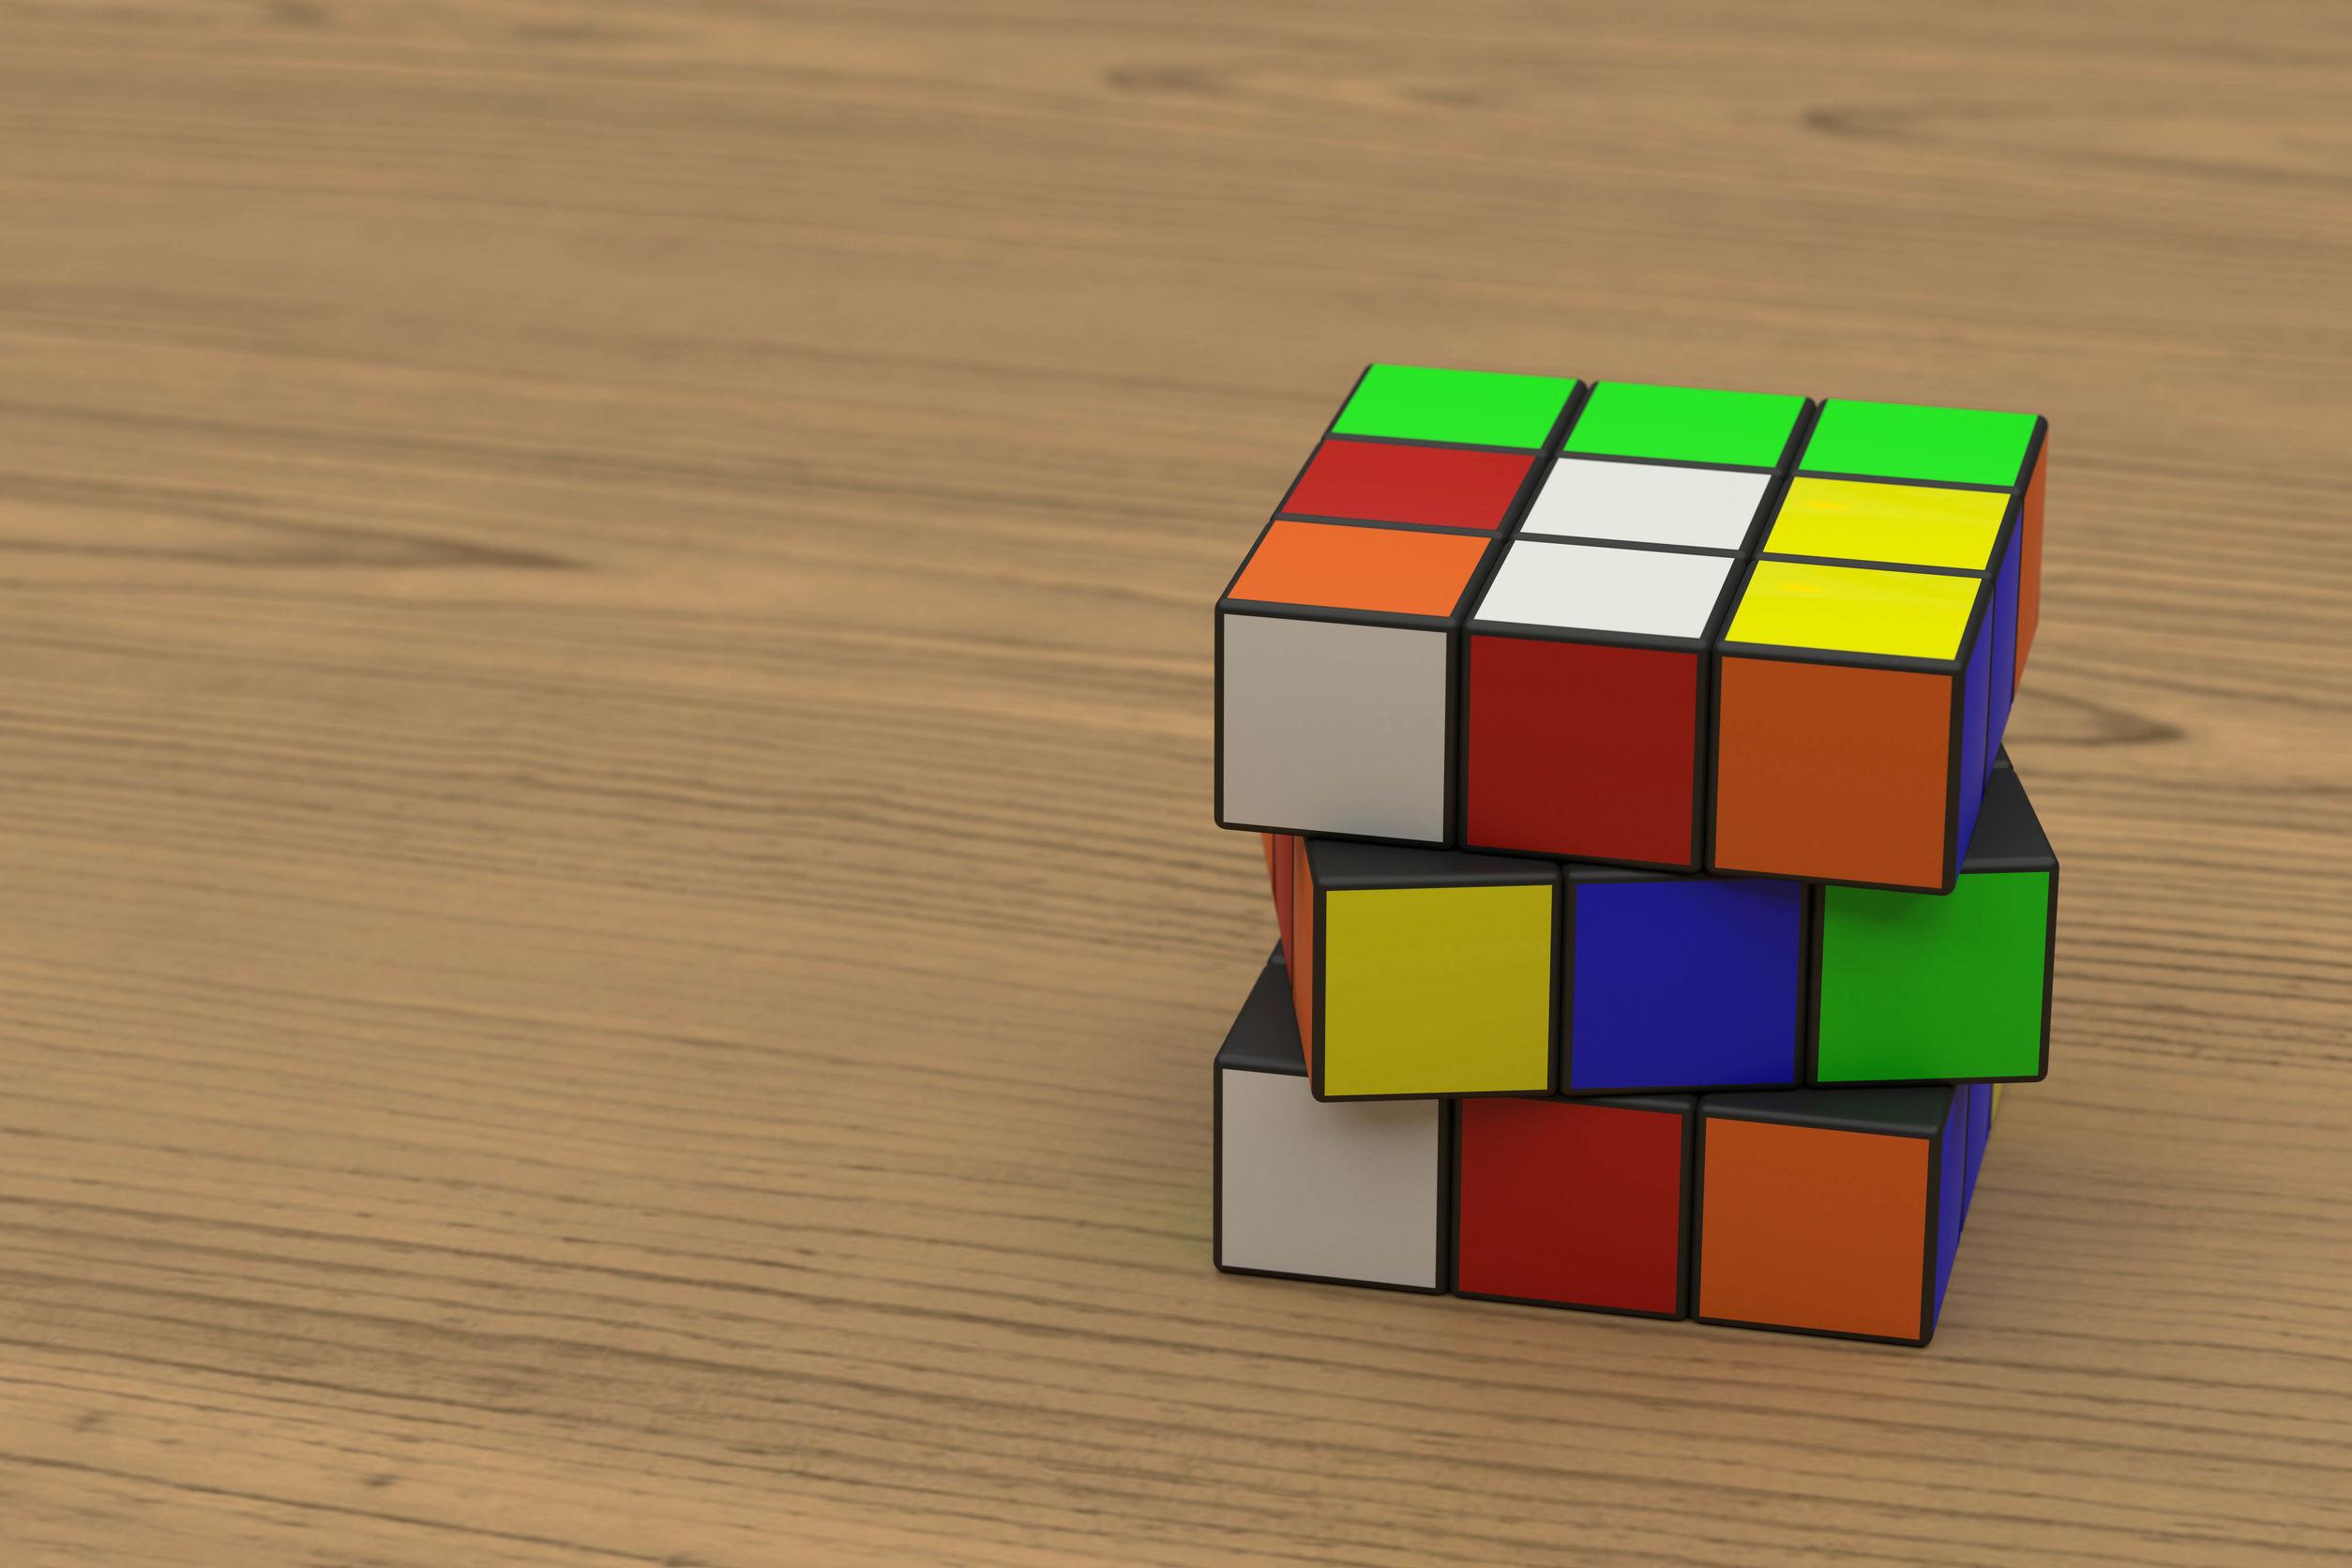 Un cubo de Rubik sobre madera